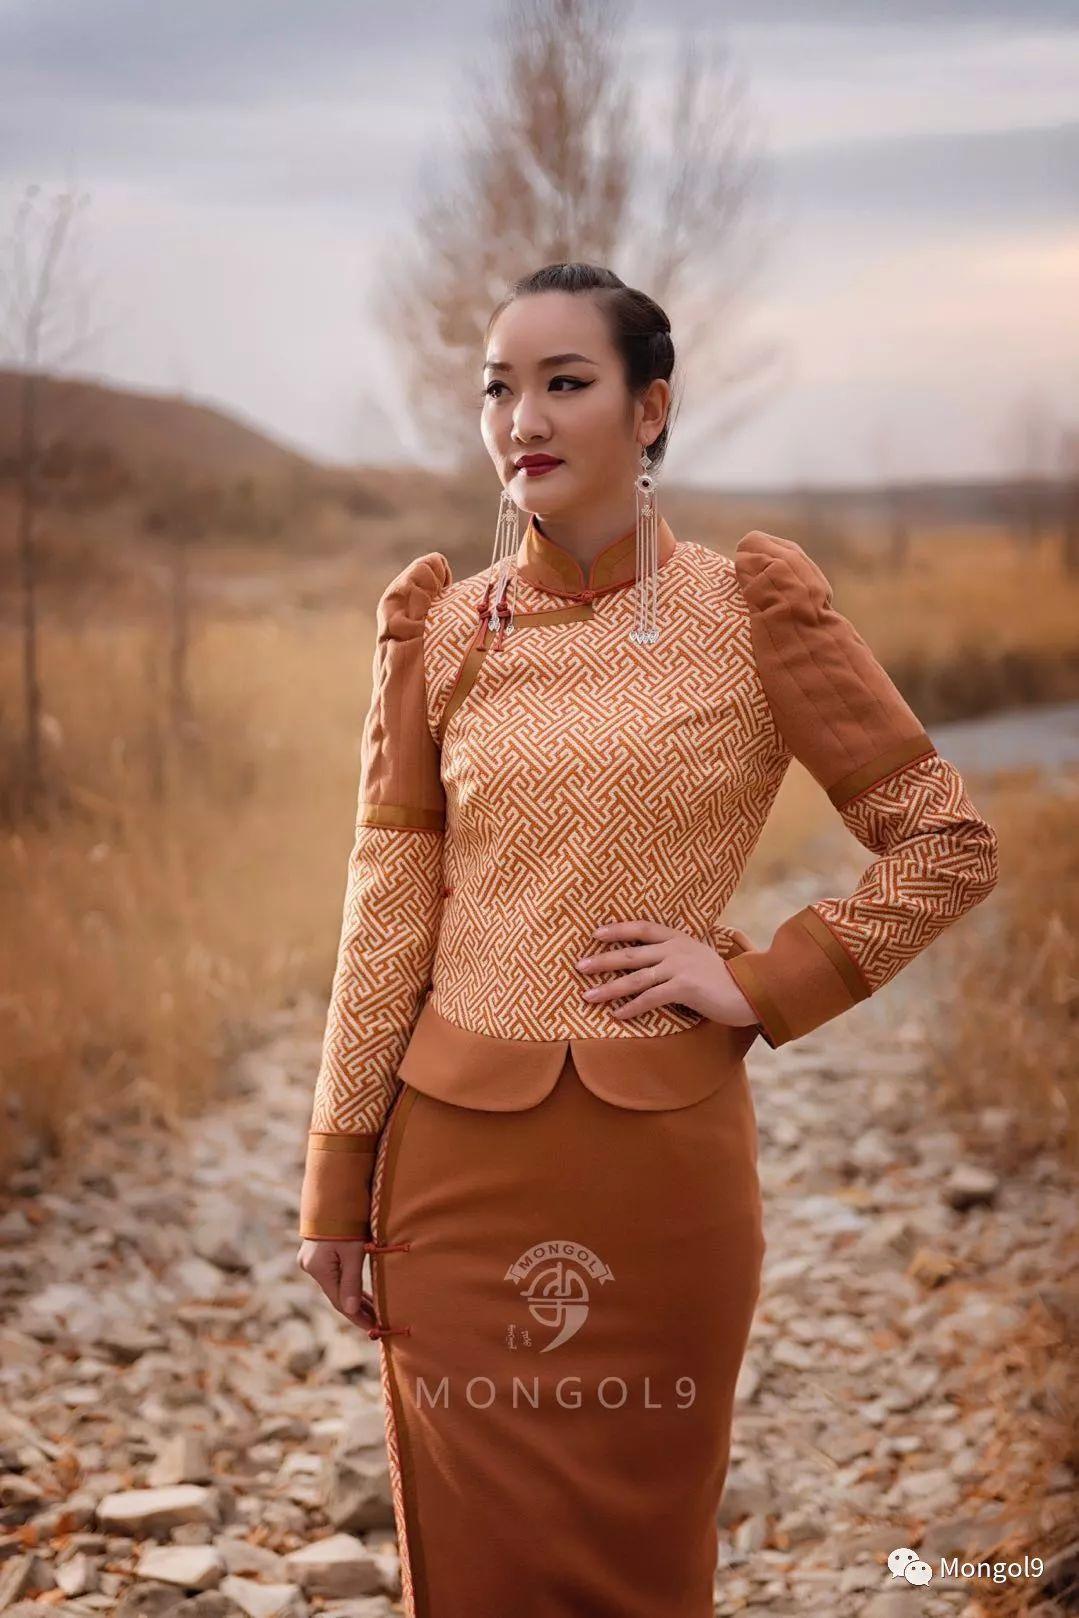 为我的蒙古闺蜜们而设计 第13张 为我的蒙古闺蜜们而设计 蒙古服饰